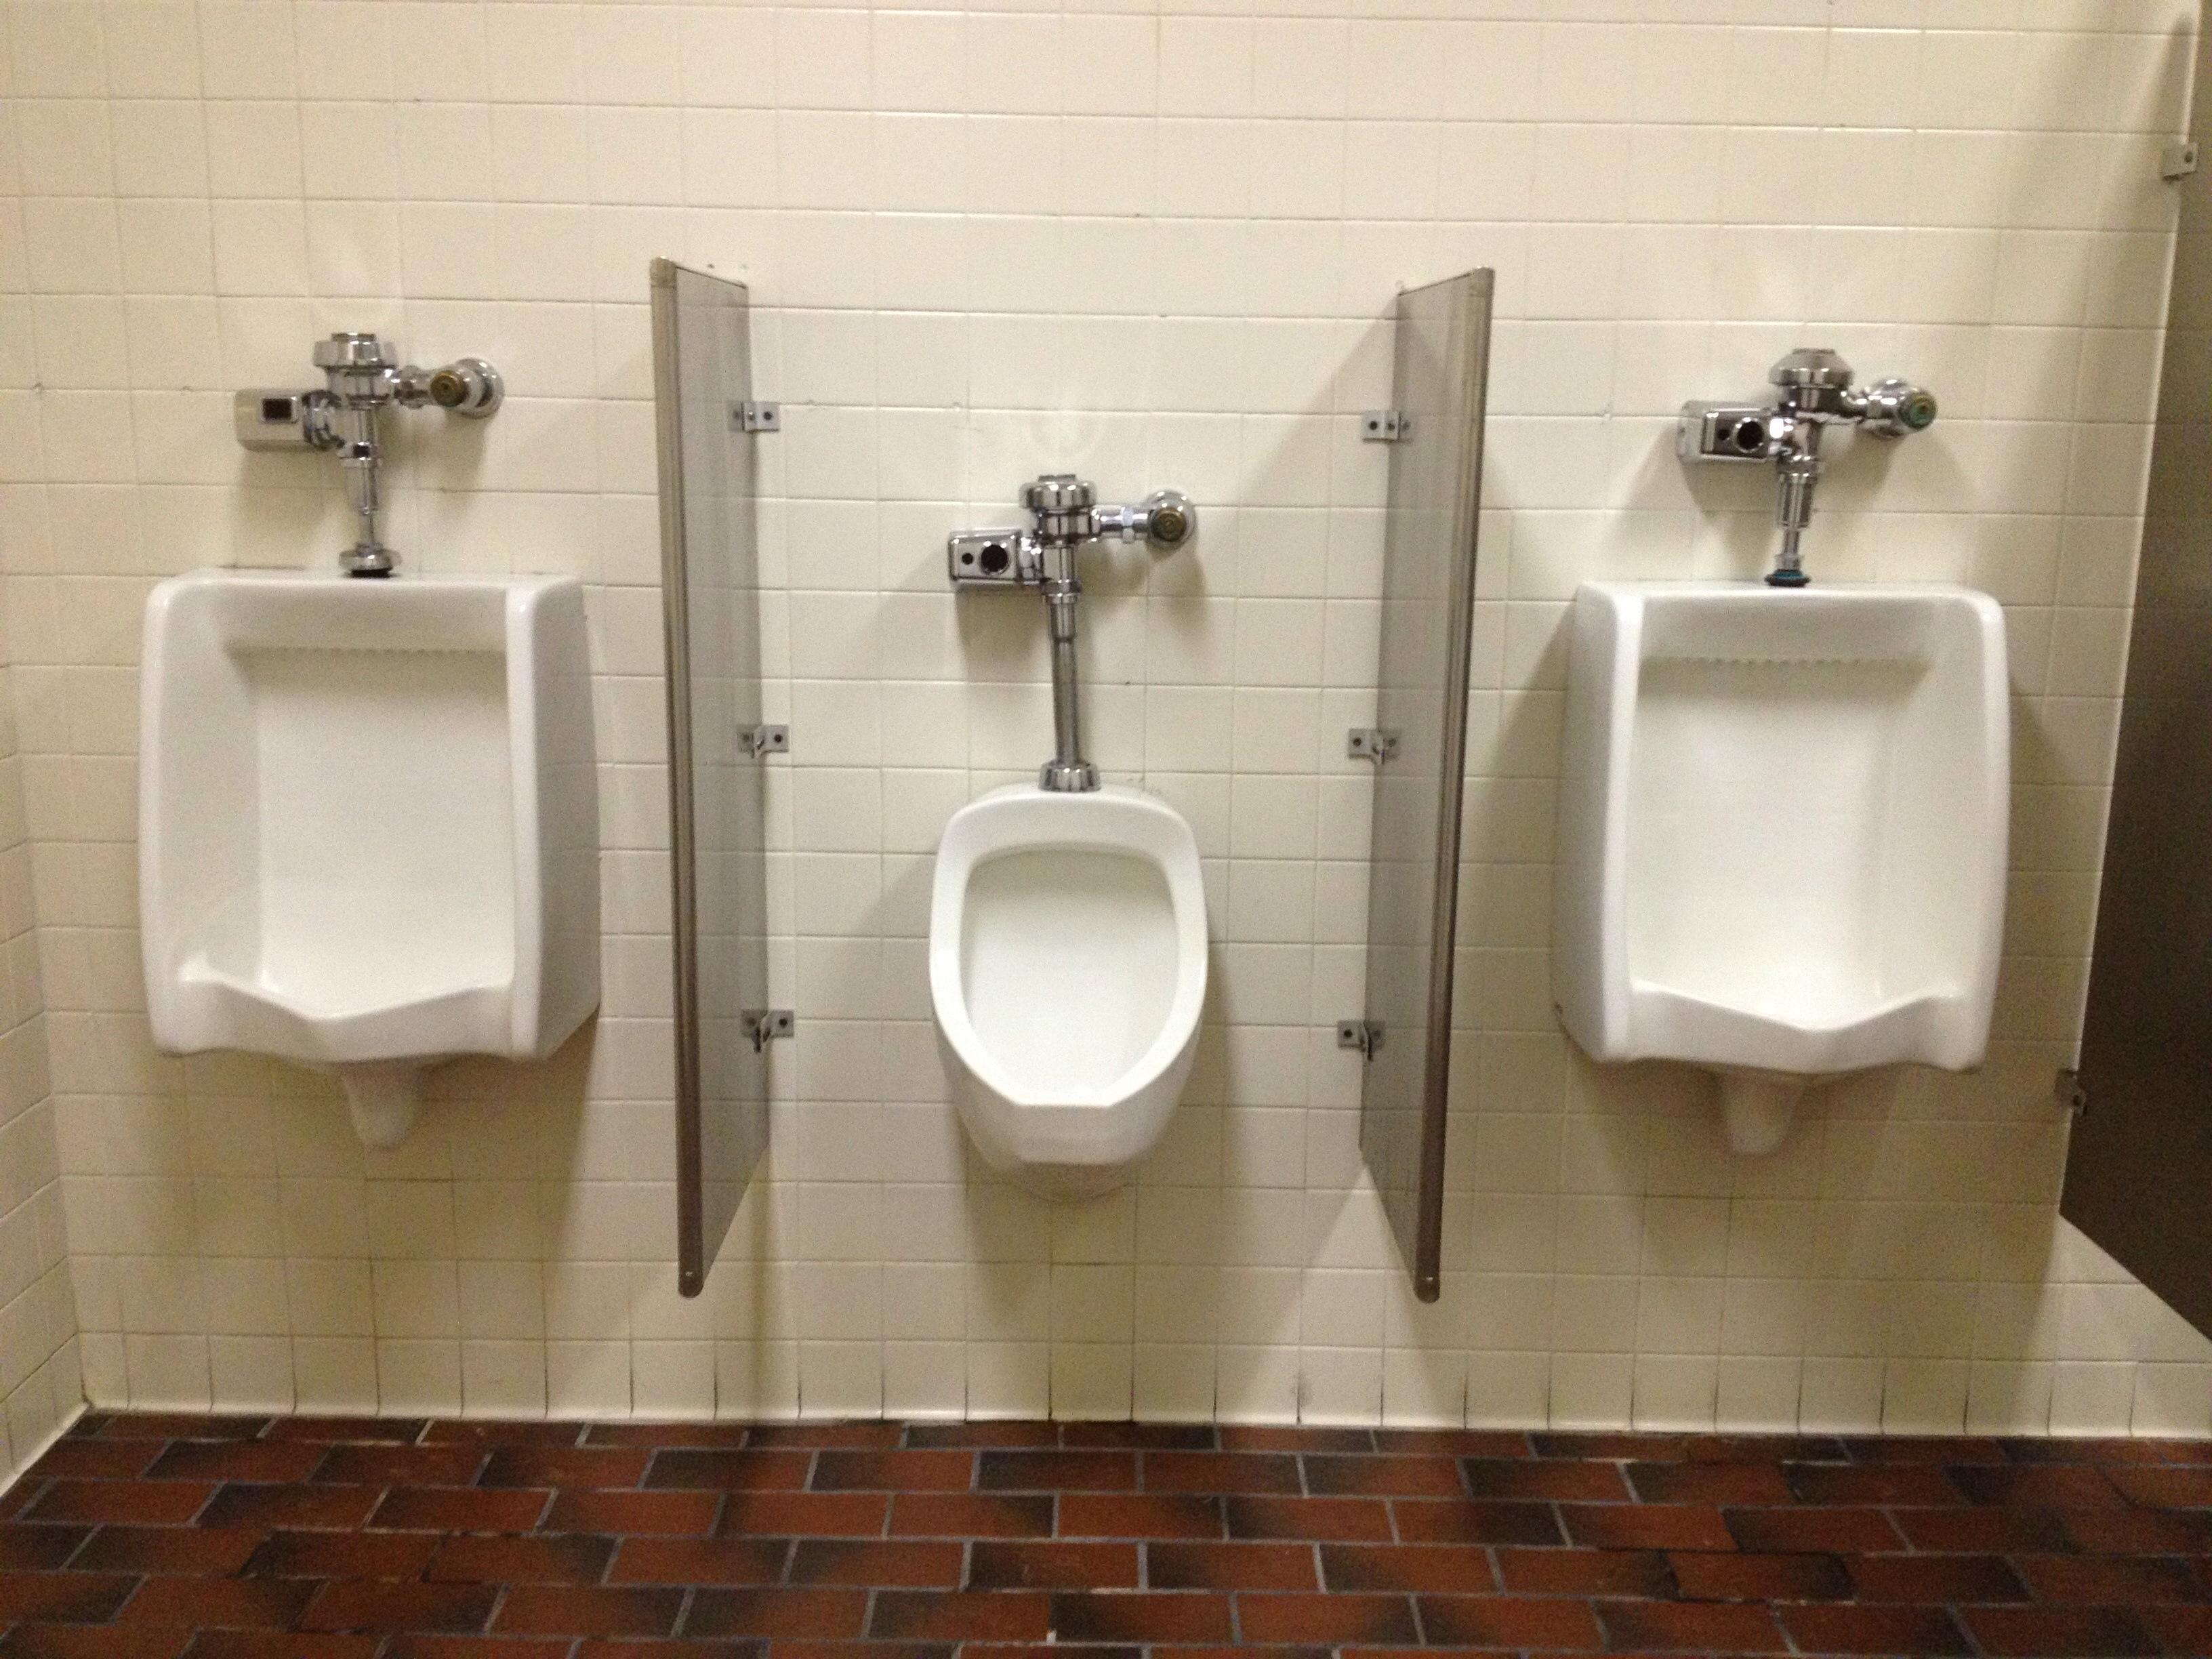 Salle De Bain Urinoir ~ images gratuites sol toilette vier chambre salle de bains